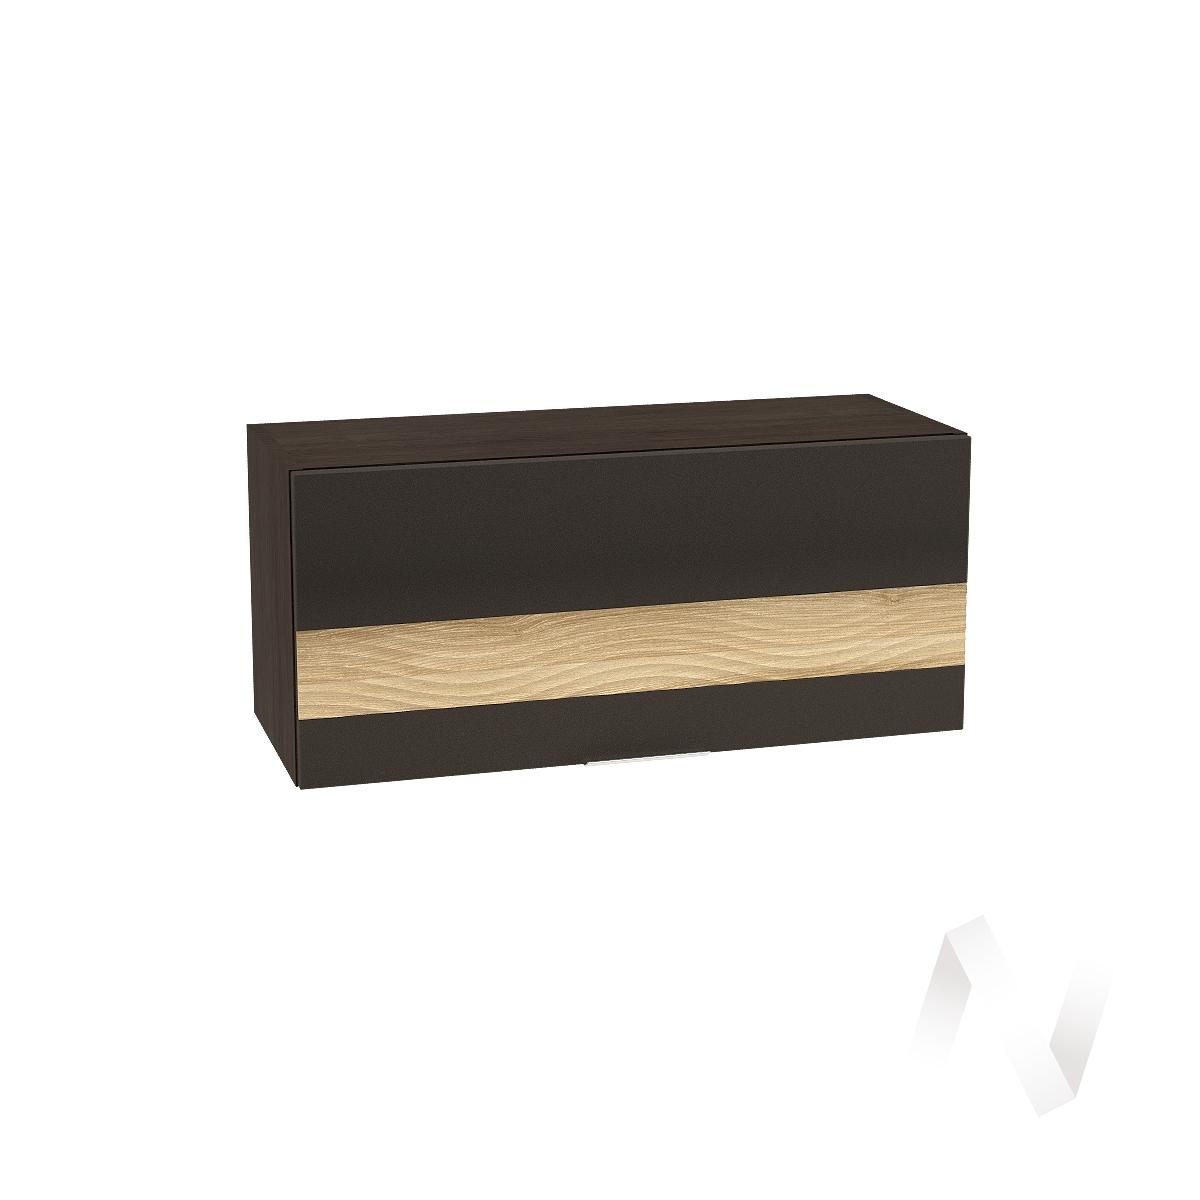 """Кухня """"Терра"""": Шкаф верхний горизонтальный 800, ШВГ 800 (смоки софт/ель карпатская/корпус венге)"""